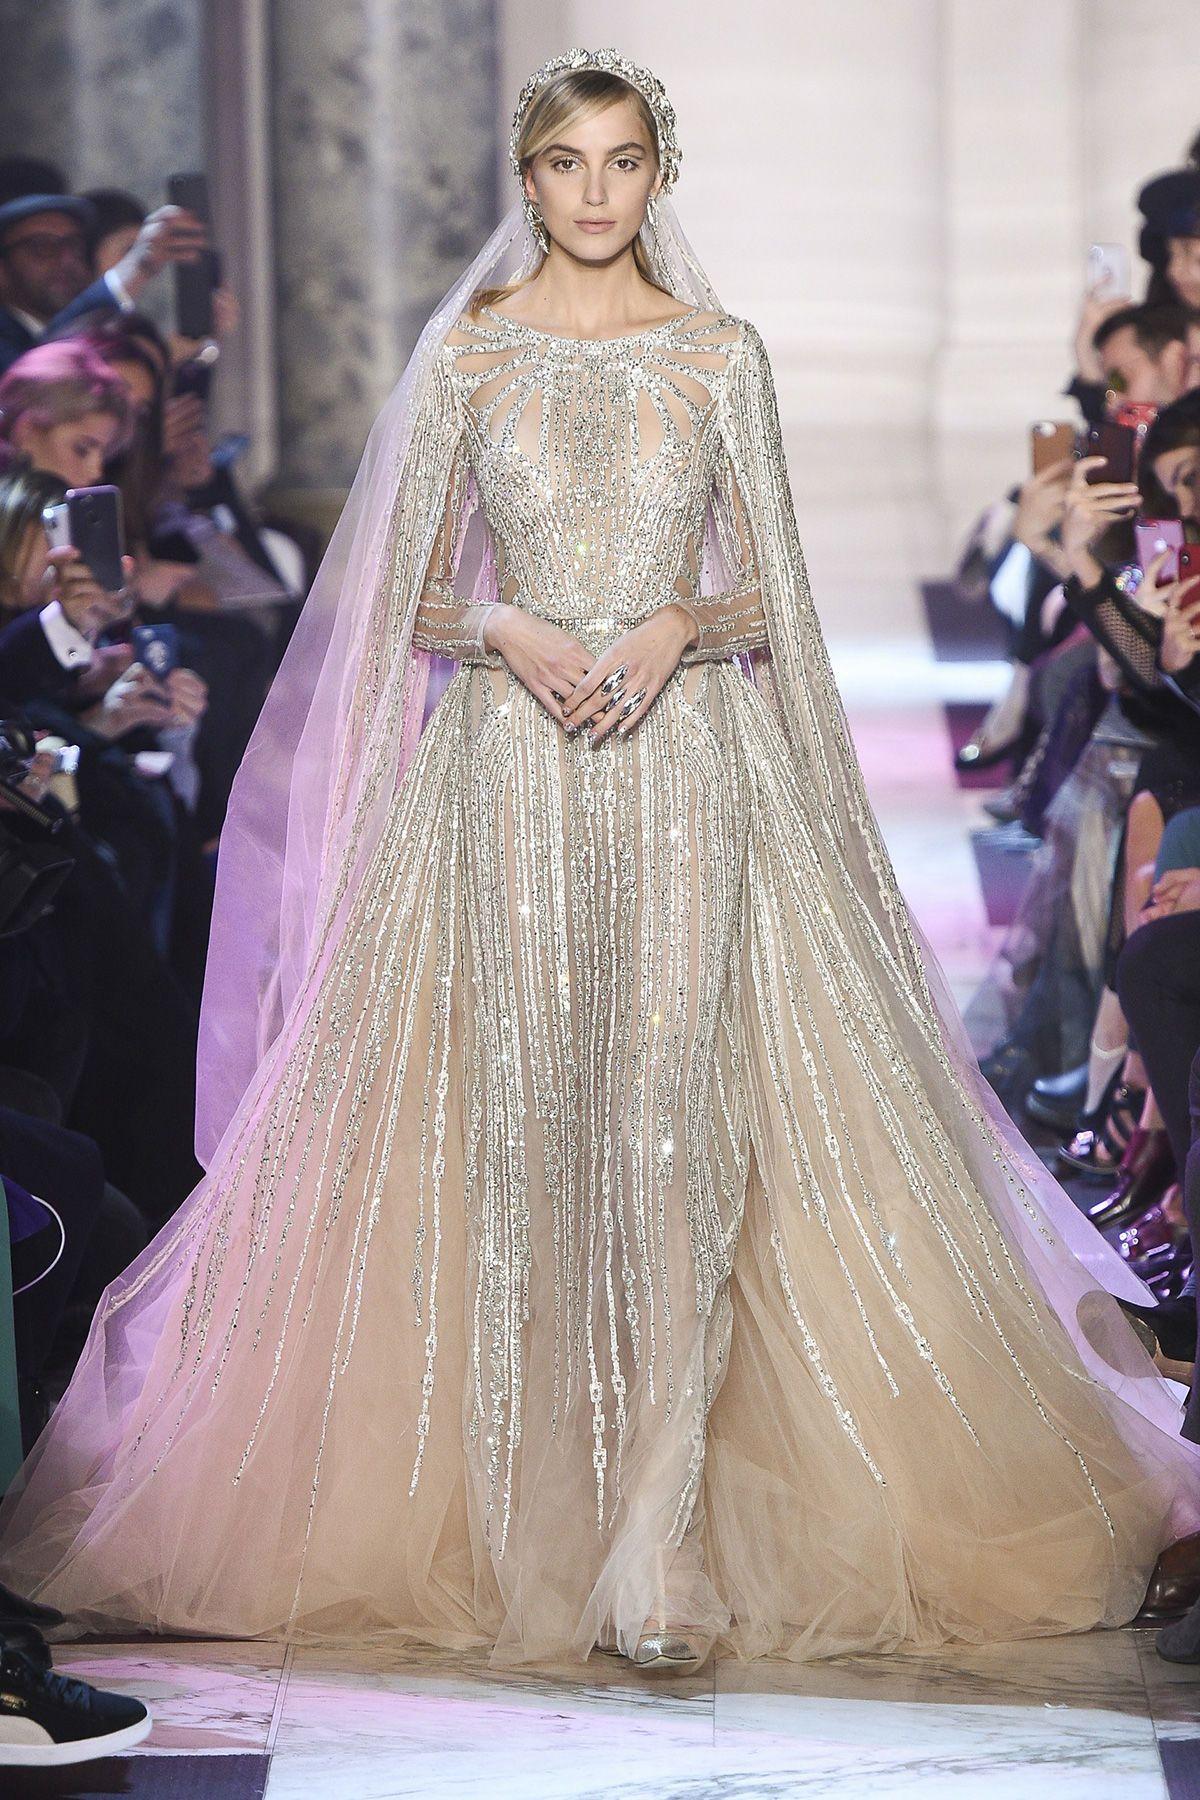 Zweimal im Jahr präsentieren die exklusivsten Modehäuser der Welt